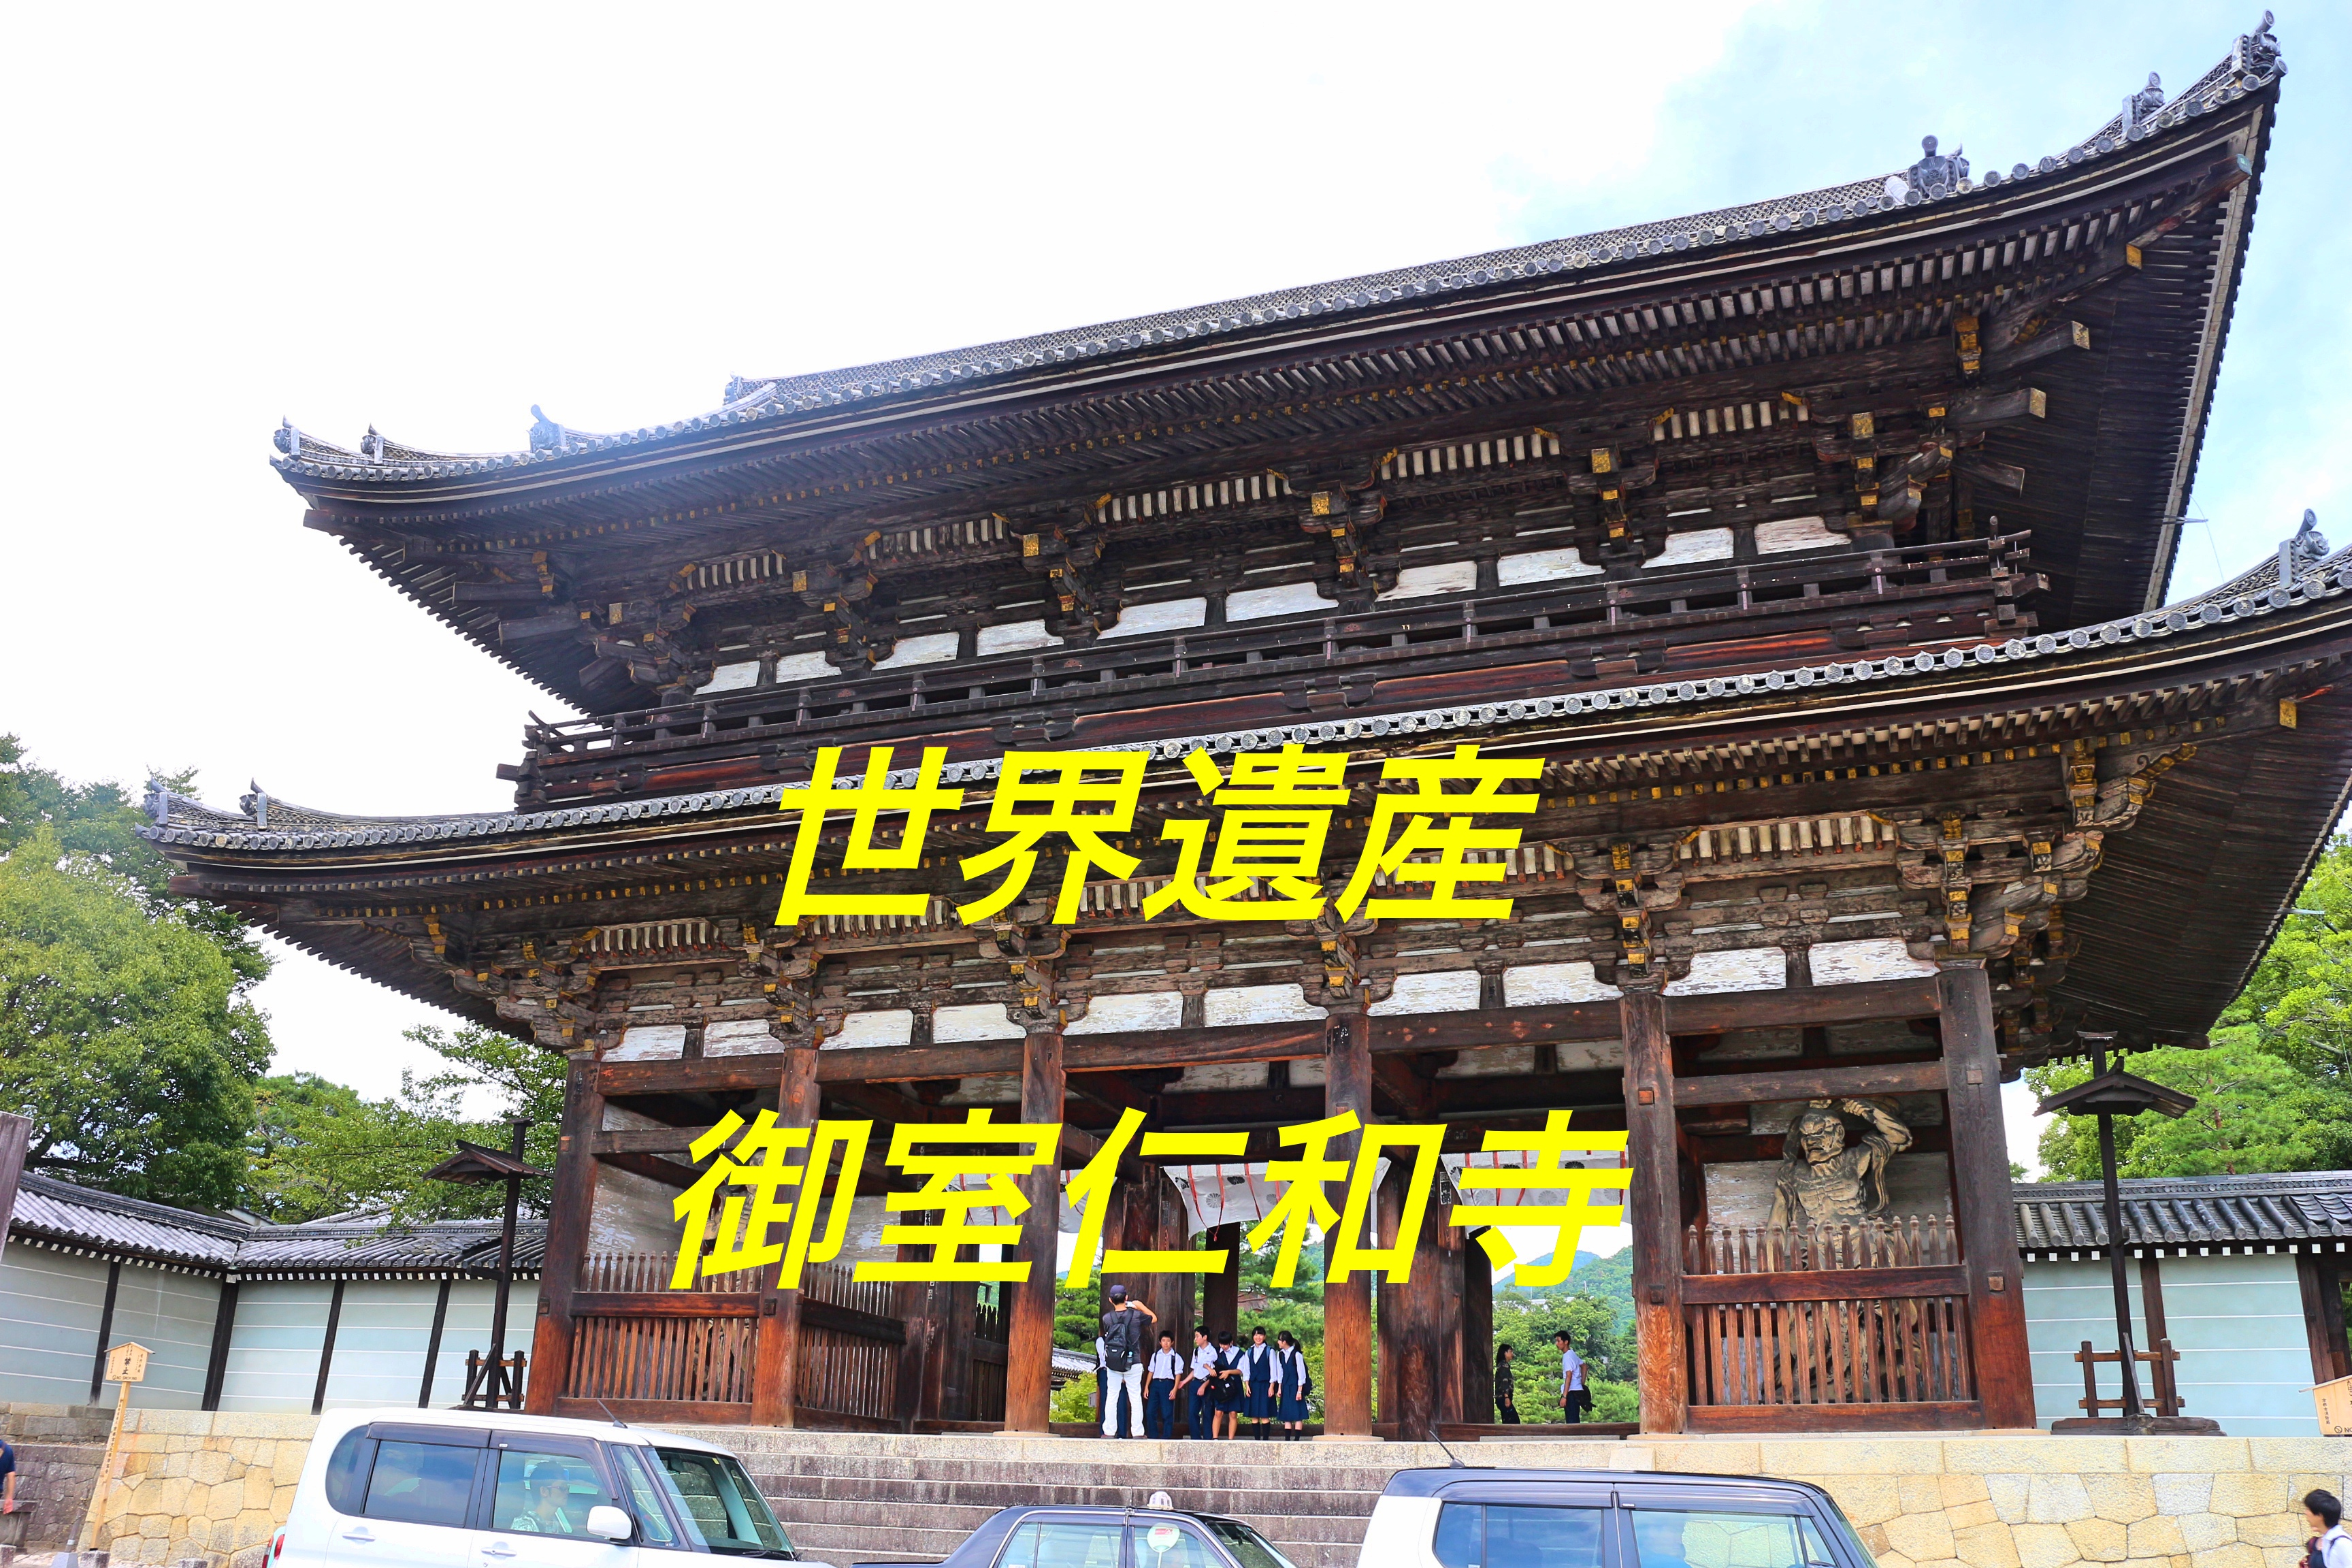 お庭が【必見】五重塔のある京都の世界遺産・御室仁和寺で楽しい御朱印巡り